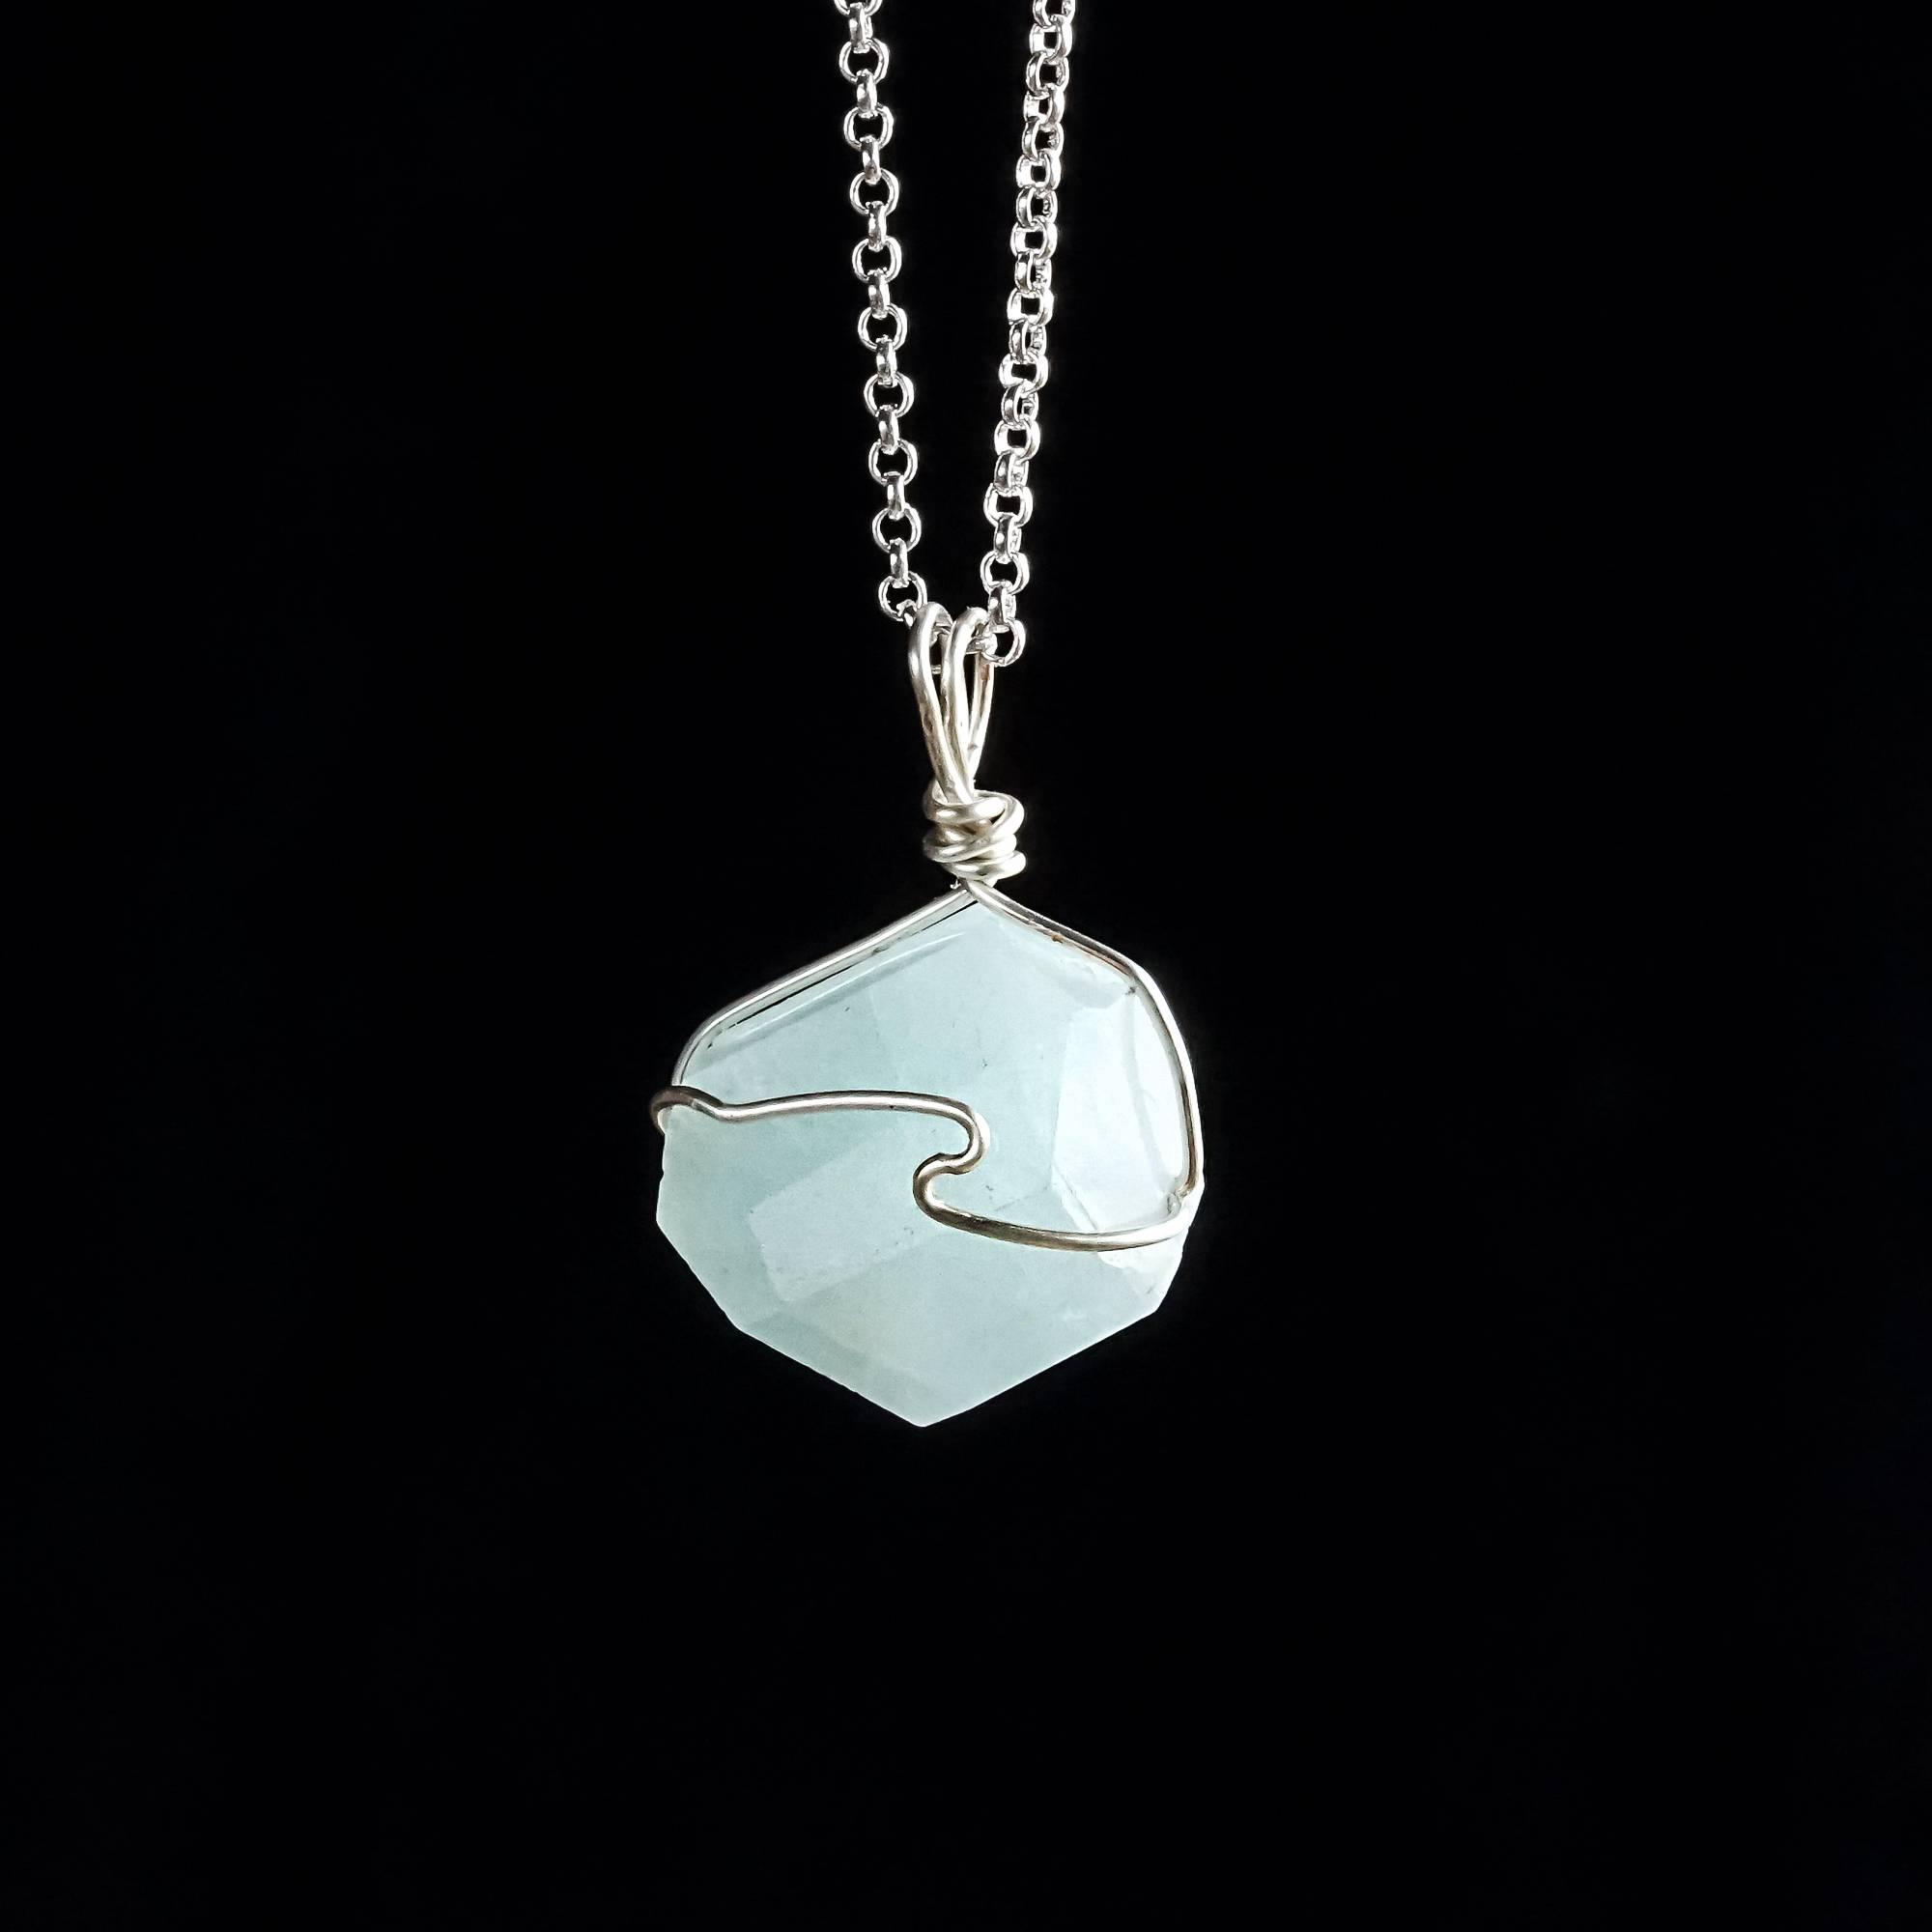 Aquamarine Drop Necklaces